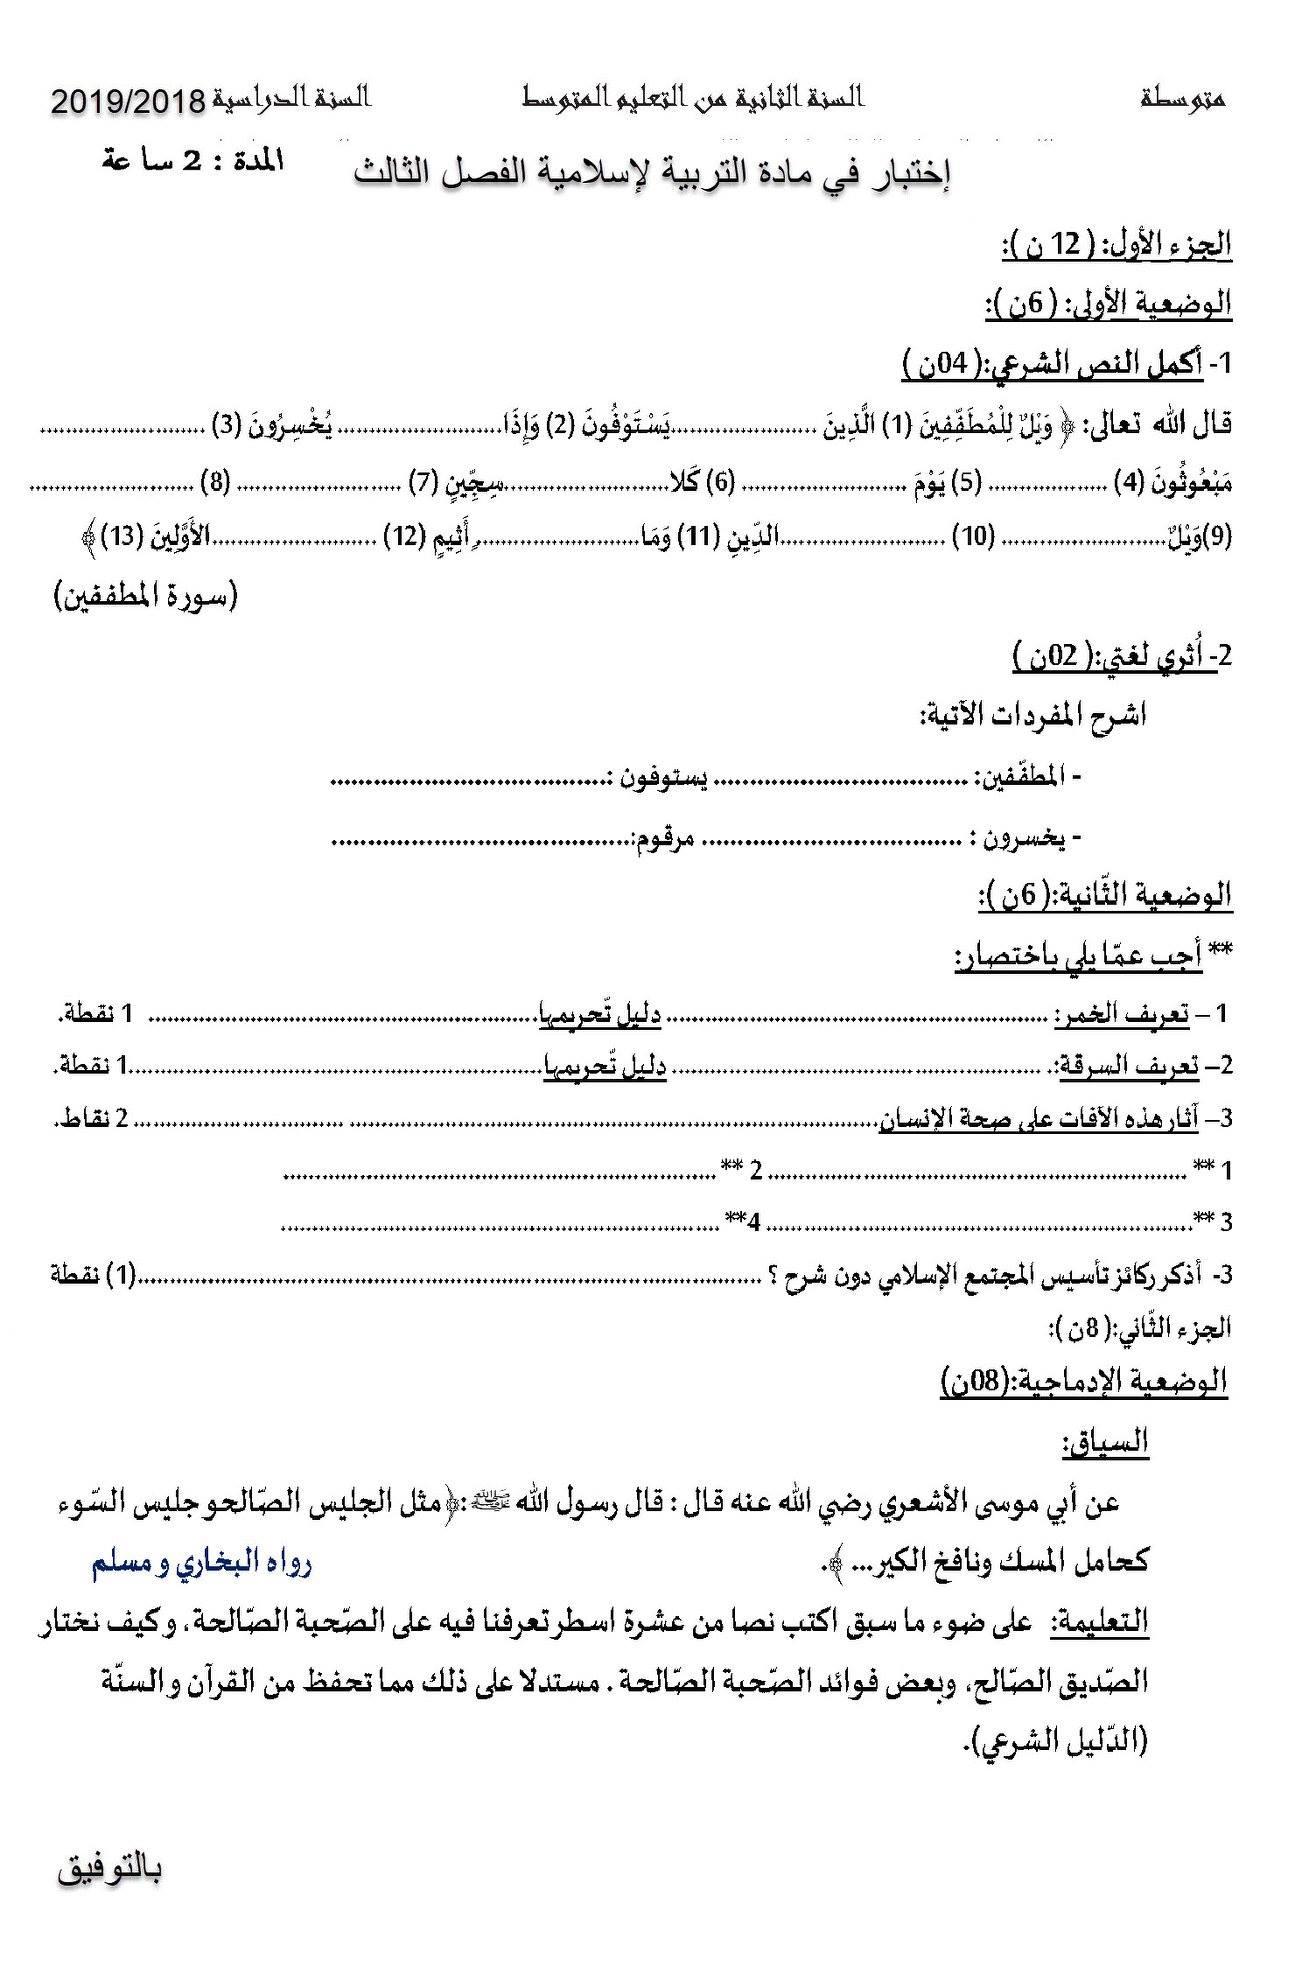 اختبار الفصل الثالث في التربية الاسلامية السنة الثانية متوسط | الموضوع 08